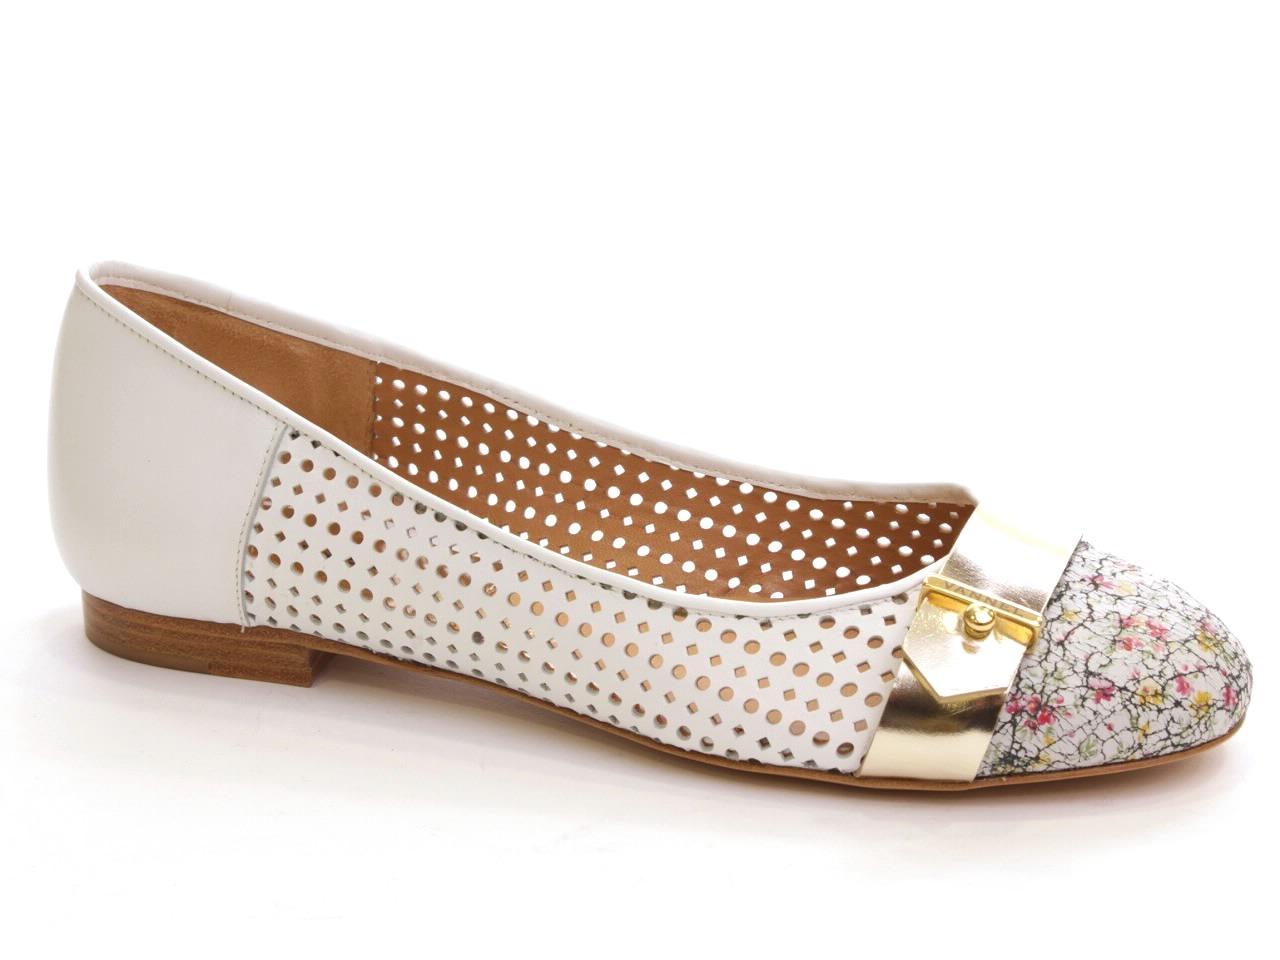 Zapatos Planos, Sabrinas, Mocassins Vannel - 001 8164.01